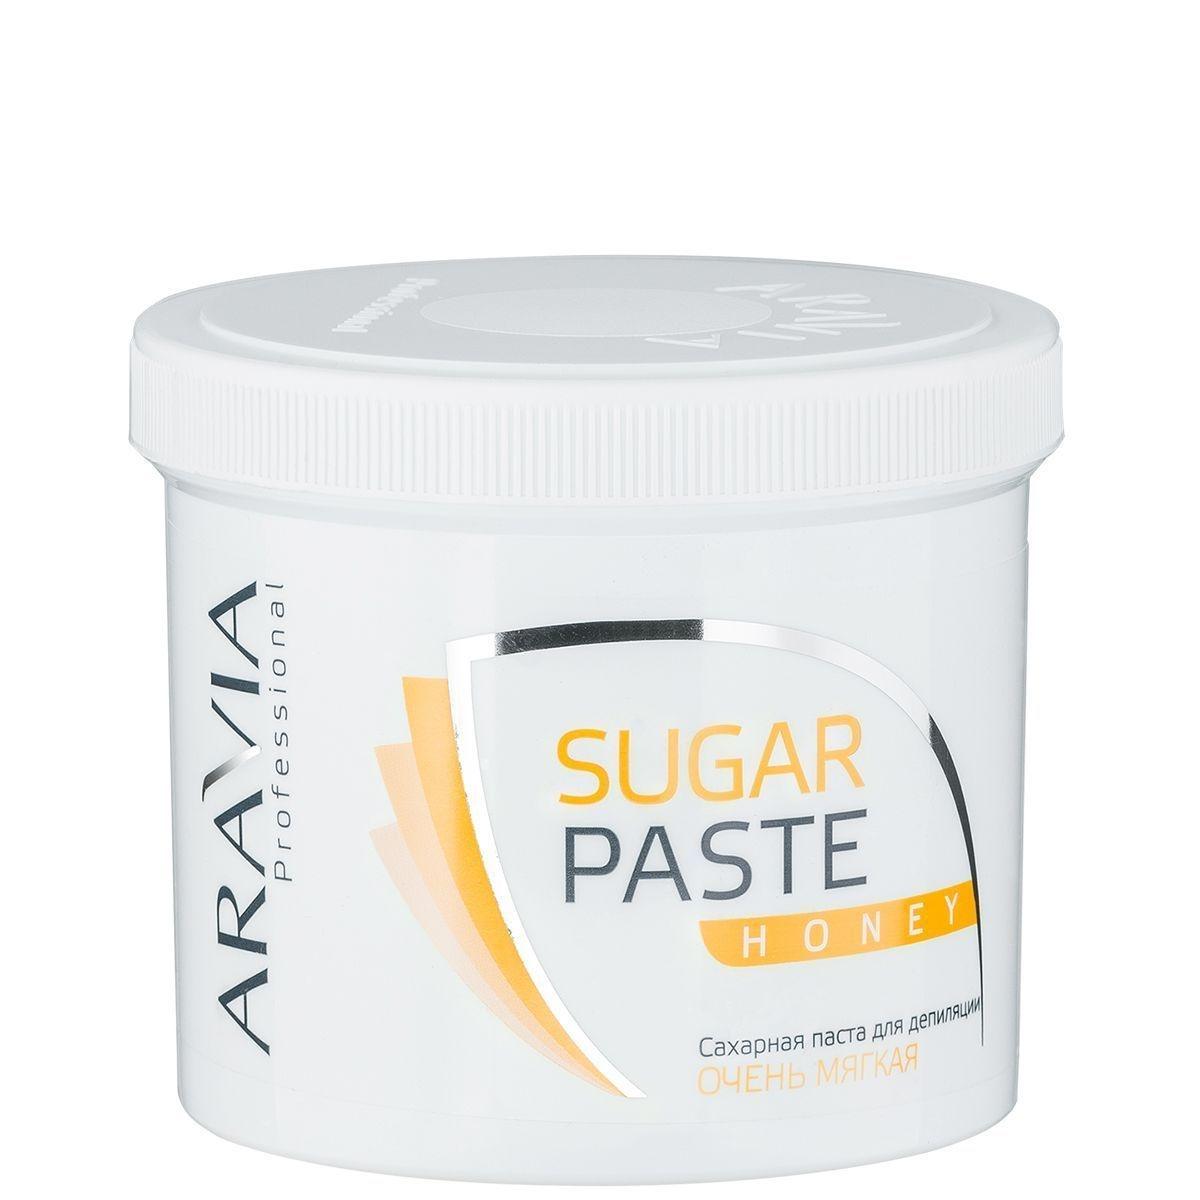 ARAVIA Сахарная Паста для Депиляции Медовая Очень Мягкой Консистенции, 750 гр сахарная паста для депиляции медовая очень мягкой консистенции 750 гр